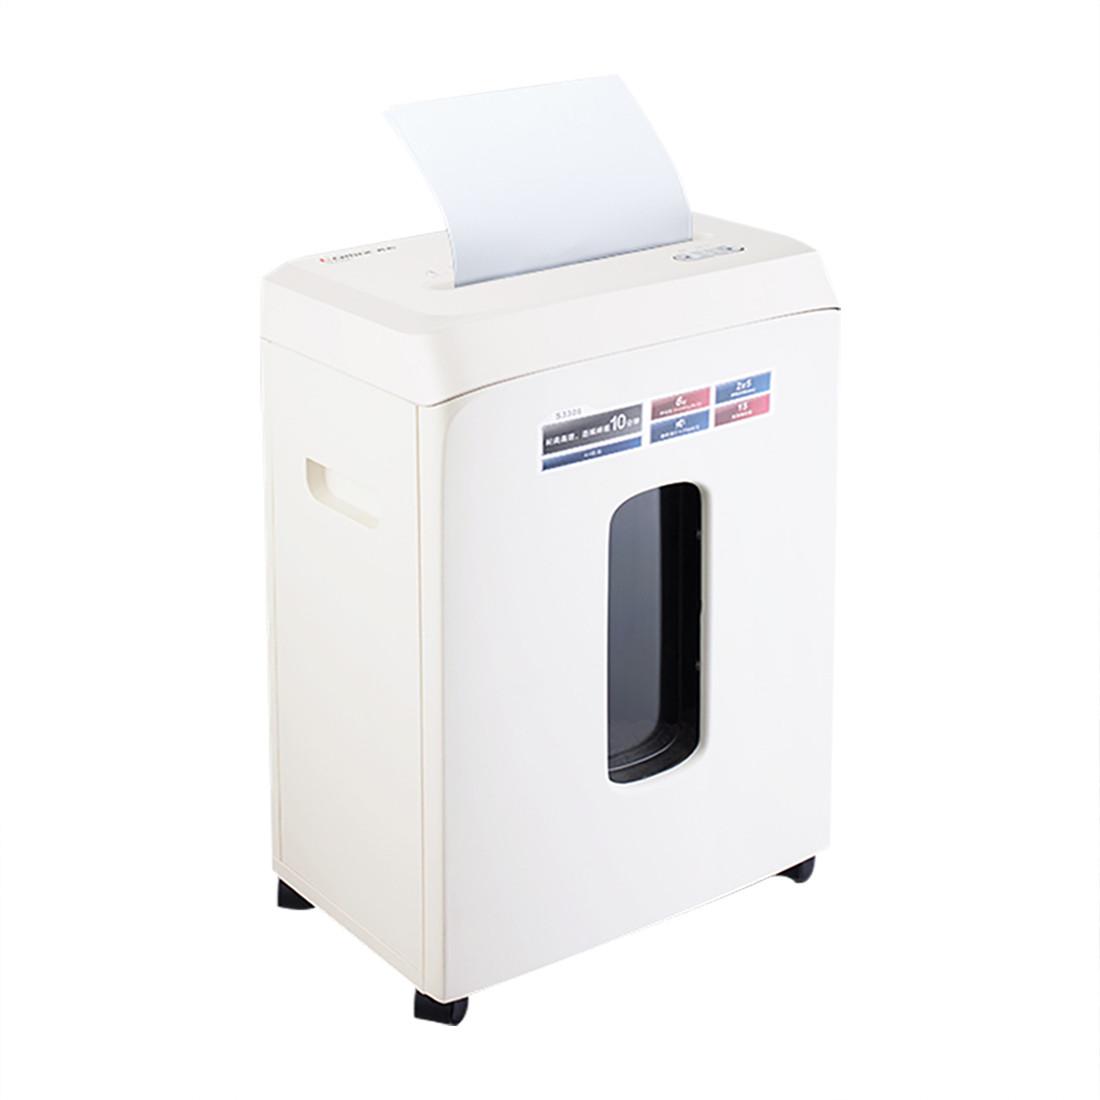 Уничтожитель бумаг (Шредер) COMIX S3306